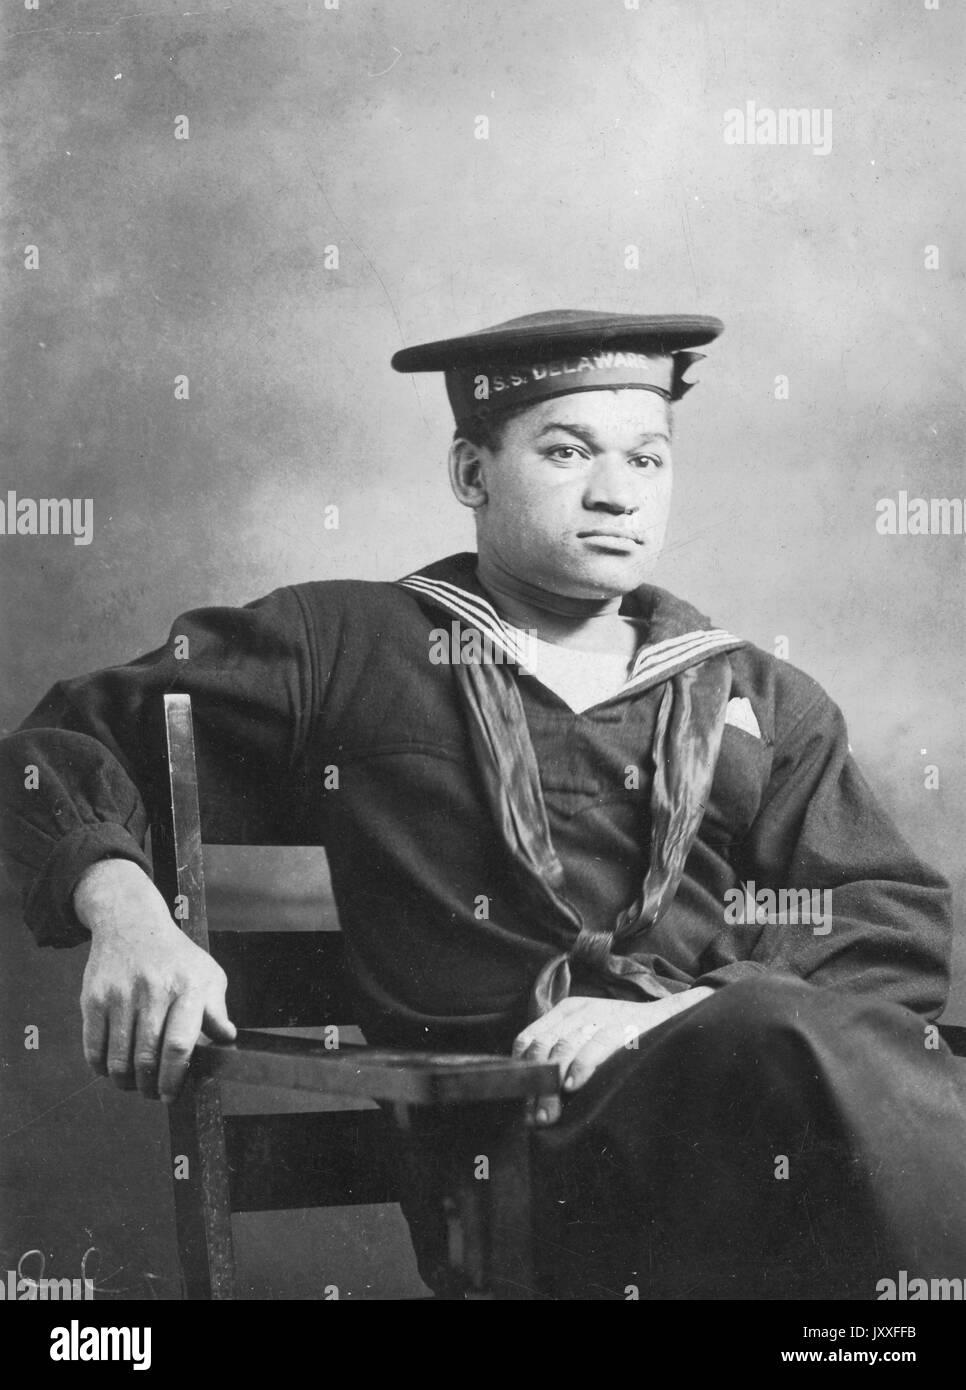 Portrait de trois-quarts un afro-américain première guerre mondiale us navy marin, assis, en uniforme, expression faciale neutre, 1920. Photo Stock